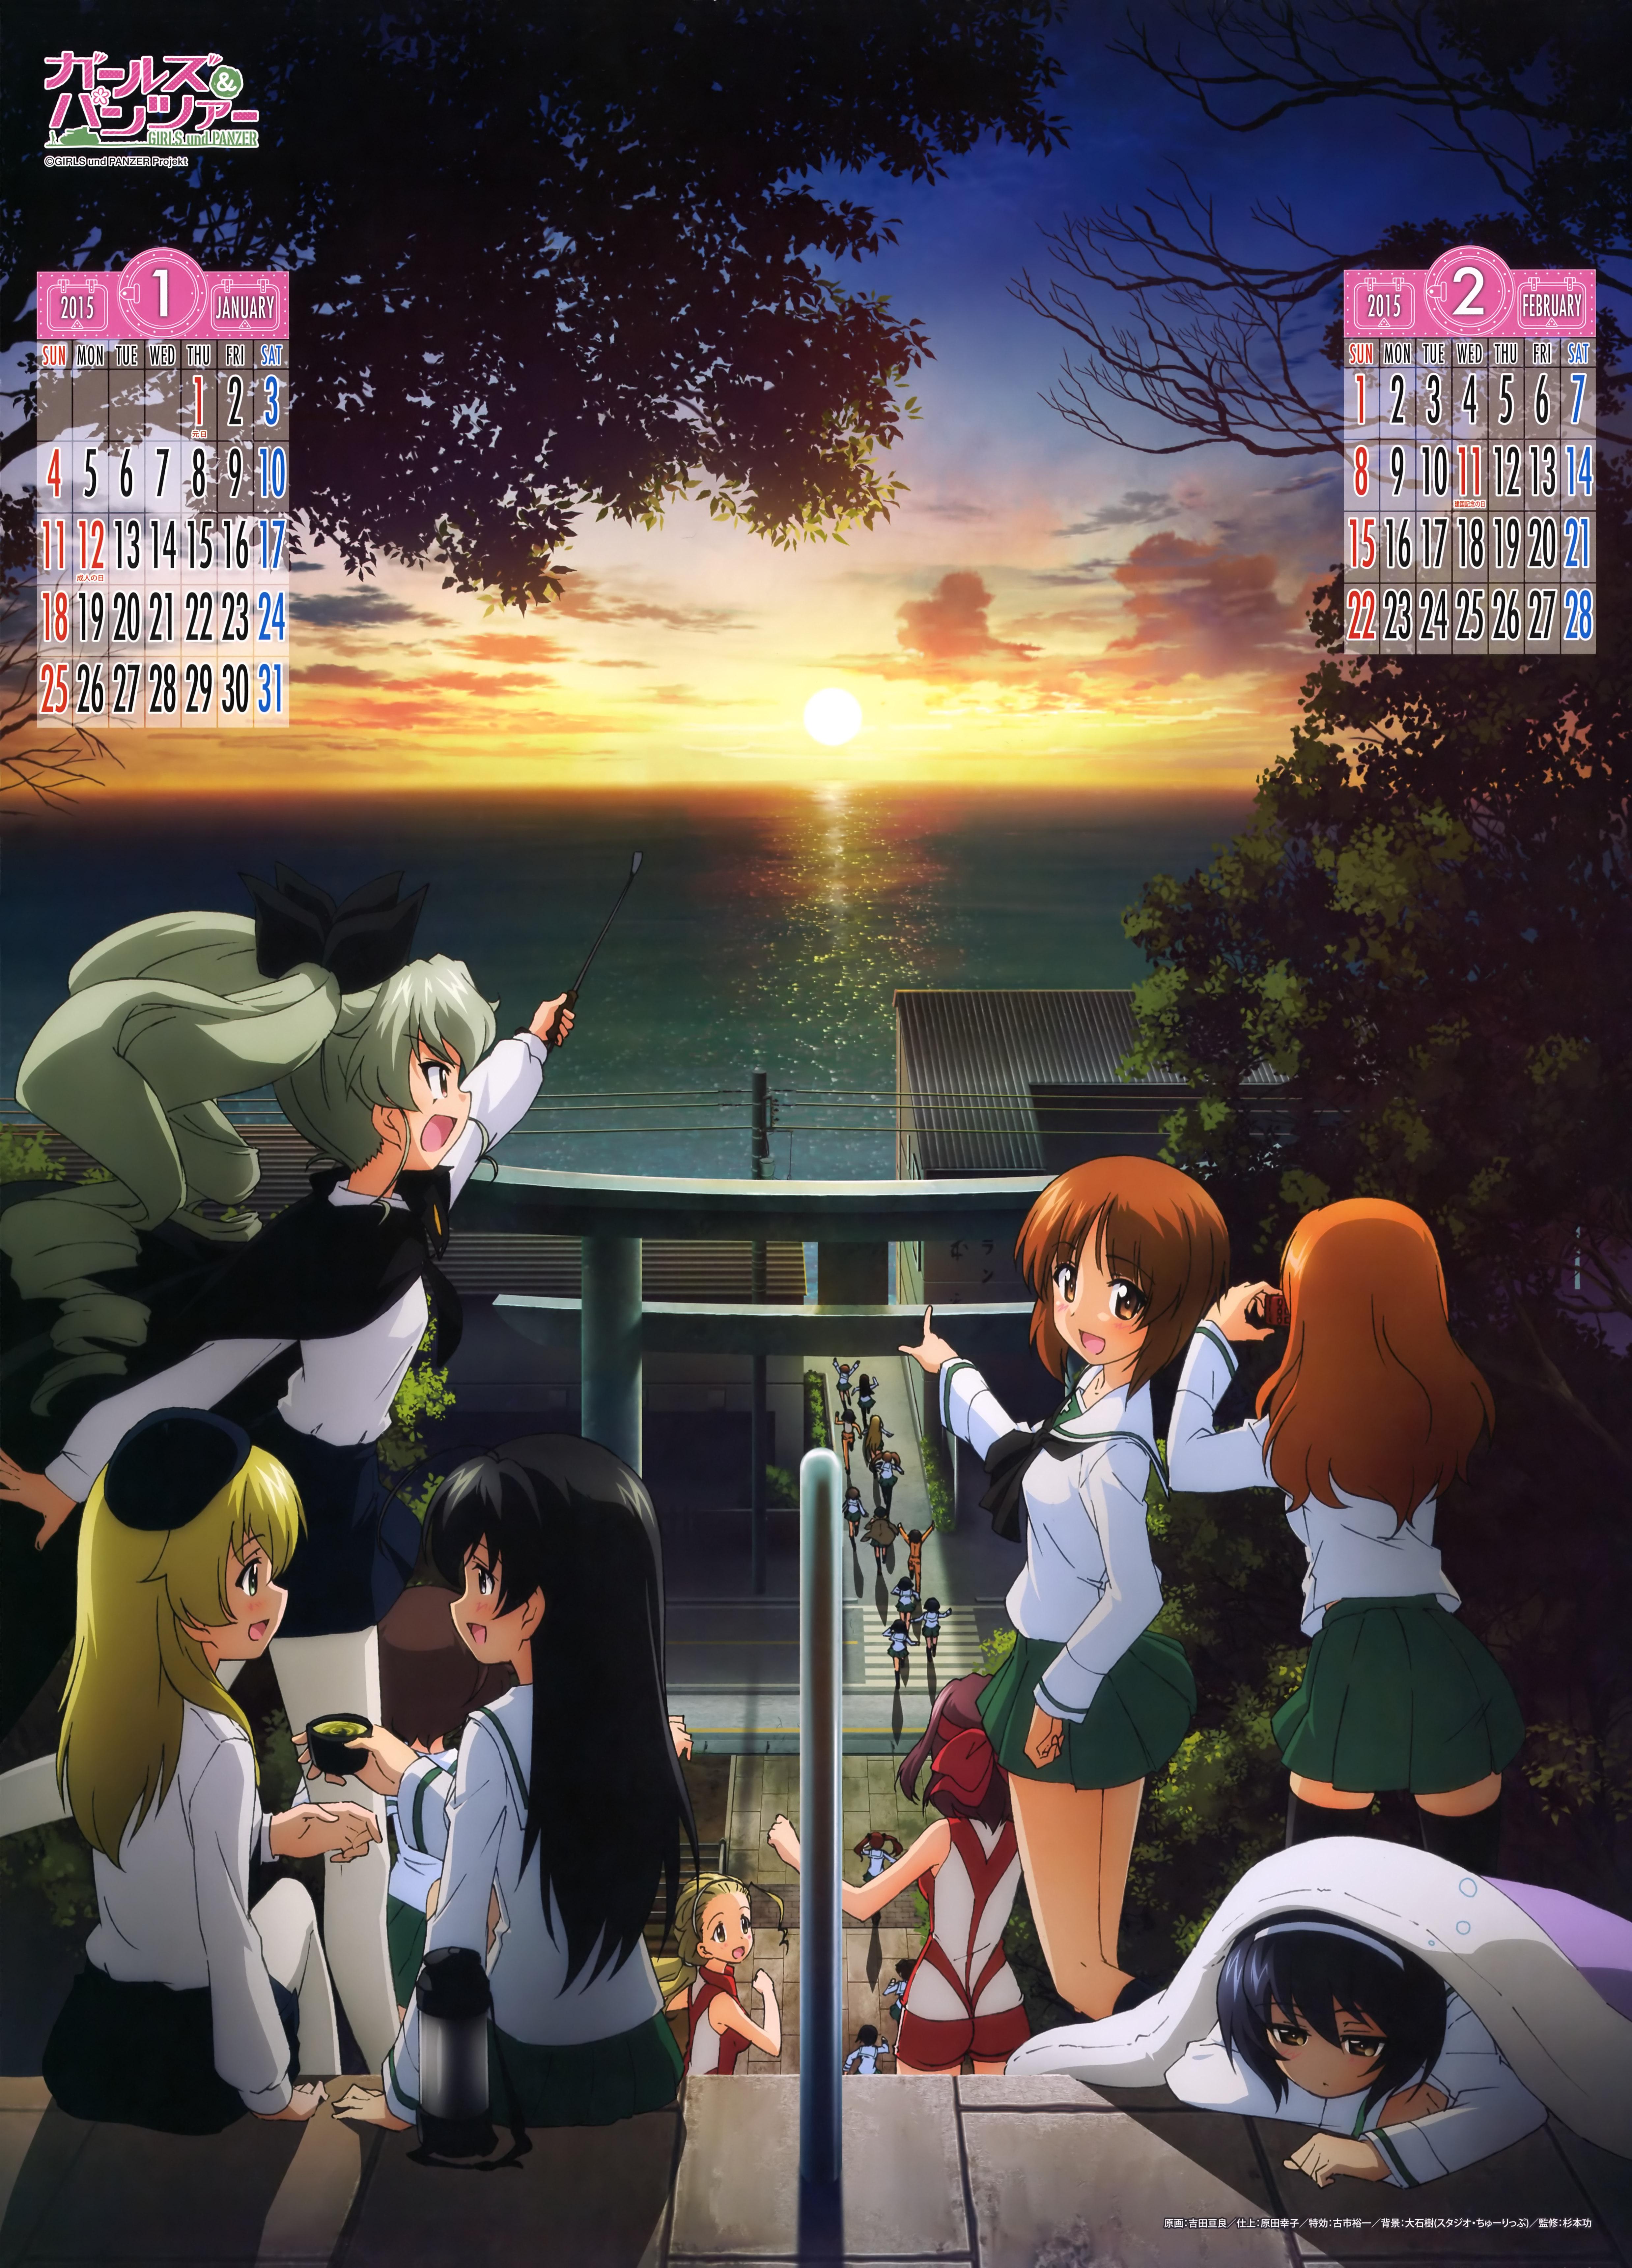 Girls und Panzer 2015 Calendar Previewed Haruhichan.com Gurapan calendar 2